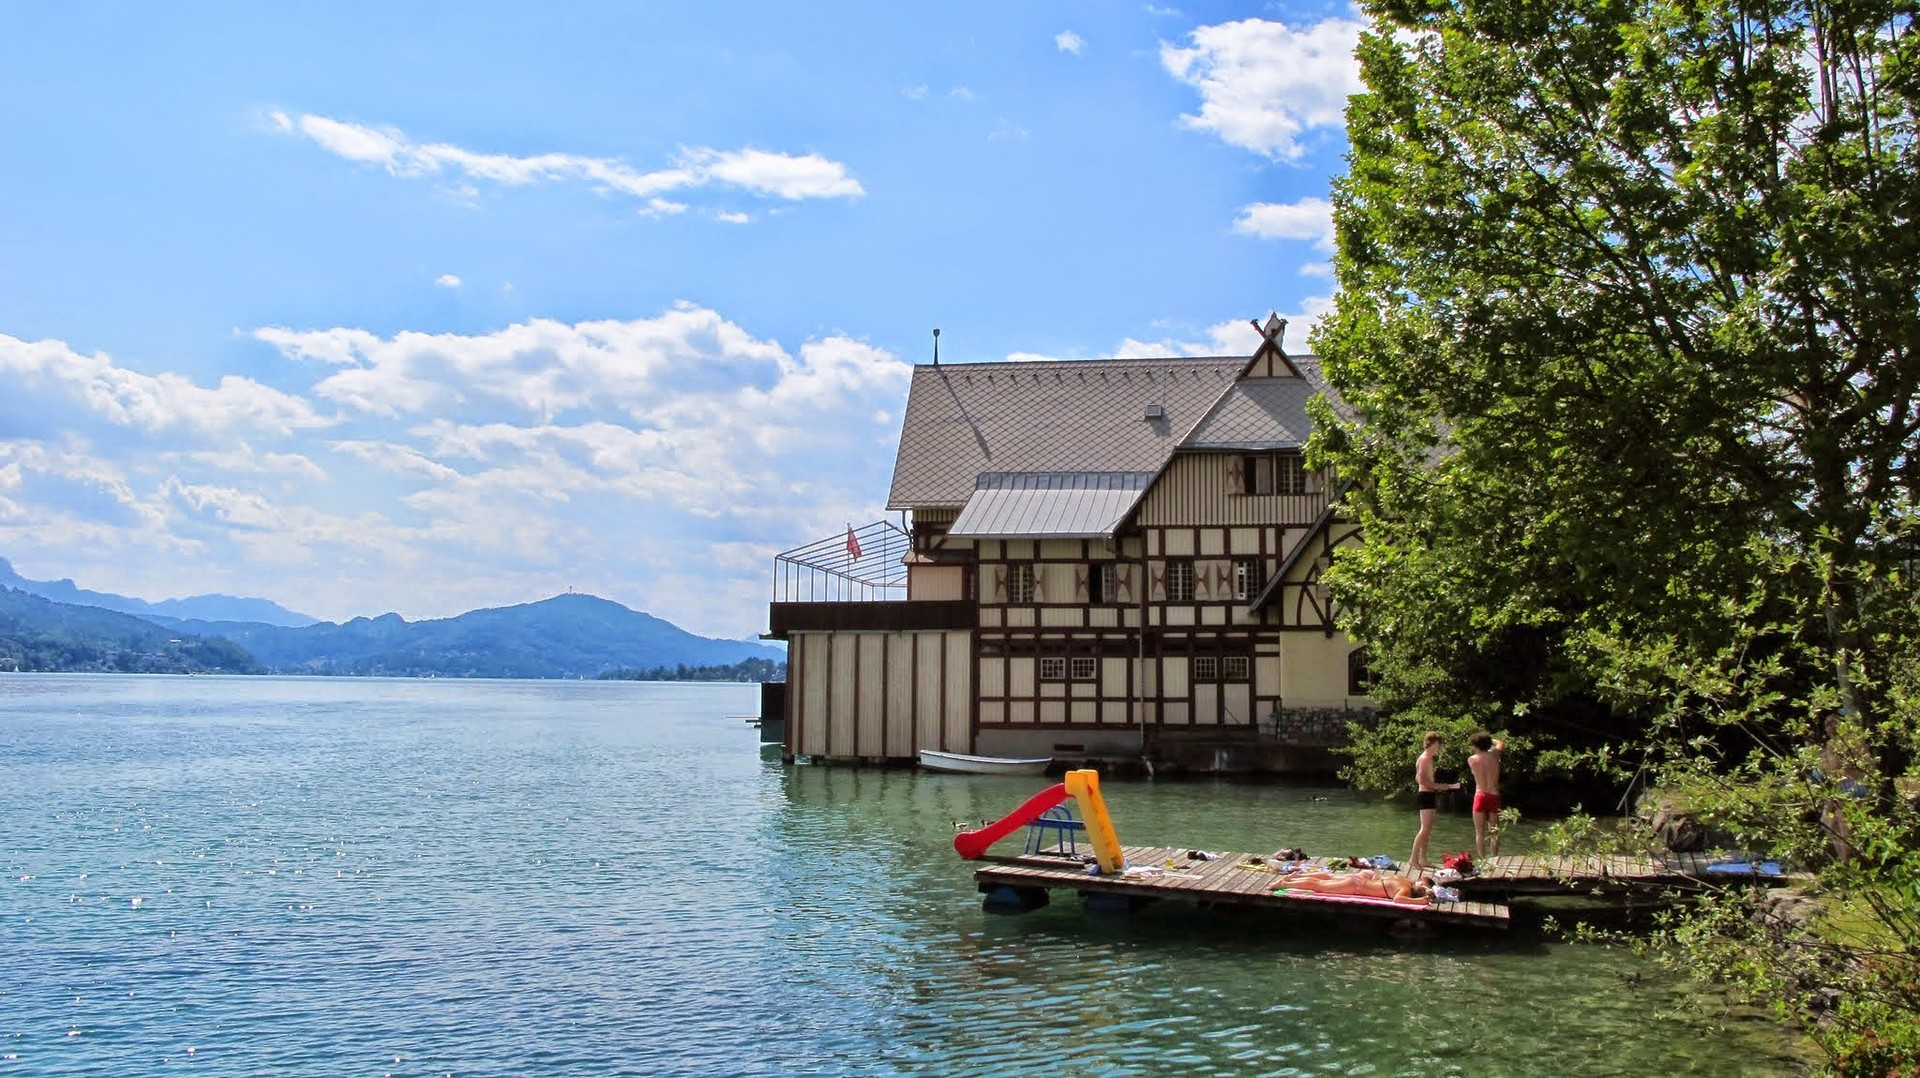 Doświadczenie Erasmus w Klagenfurt am Wörthersee, Austria według Iriny